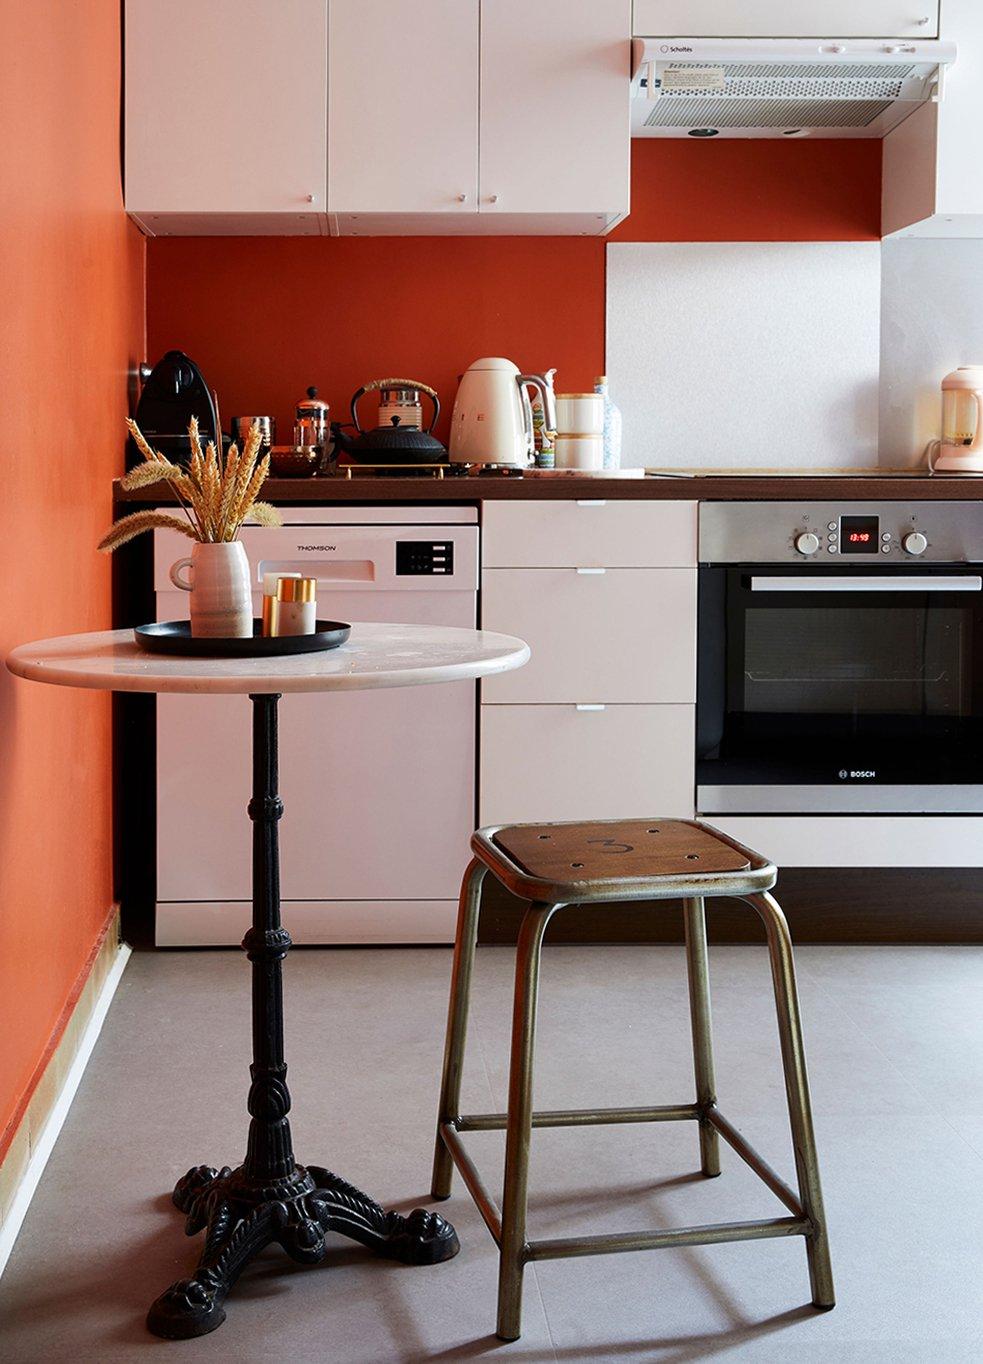 relooking cucina